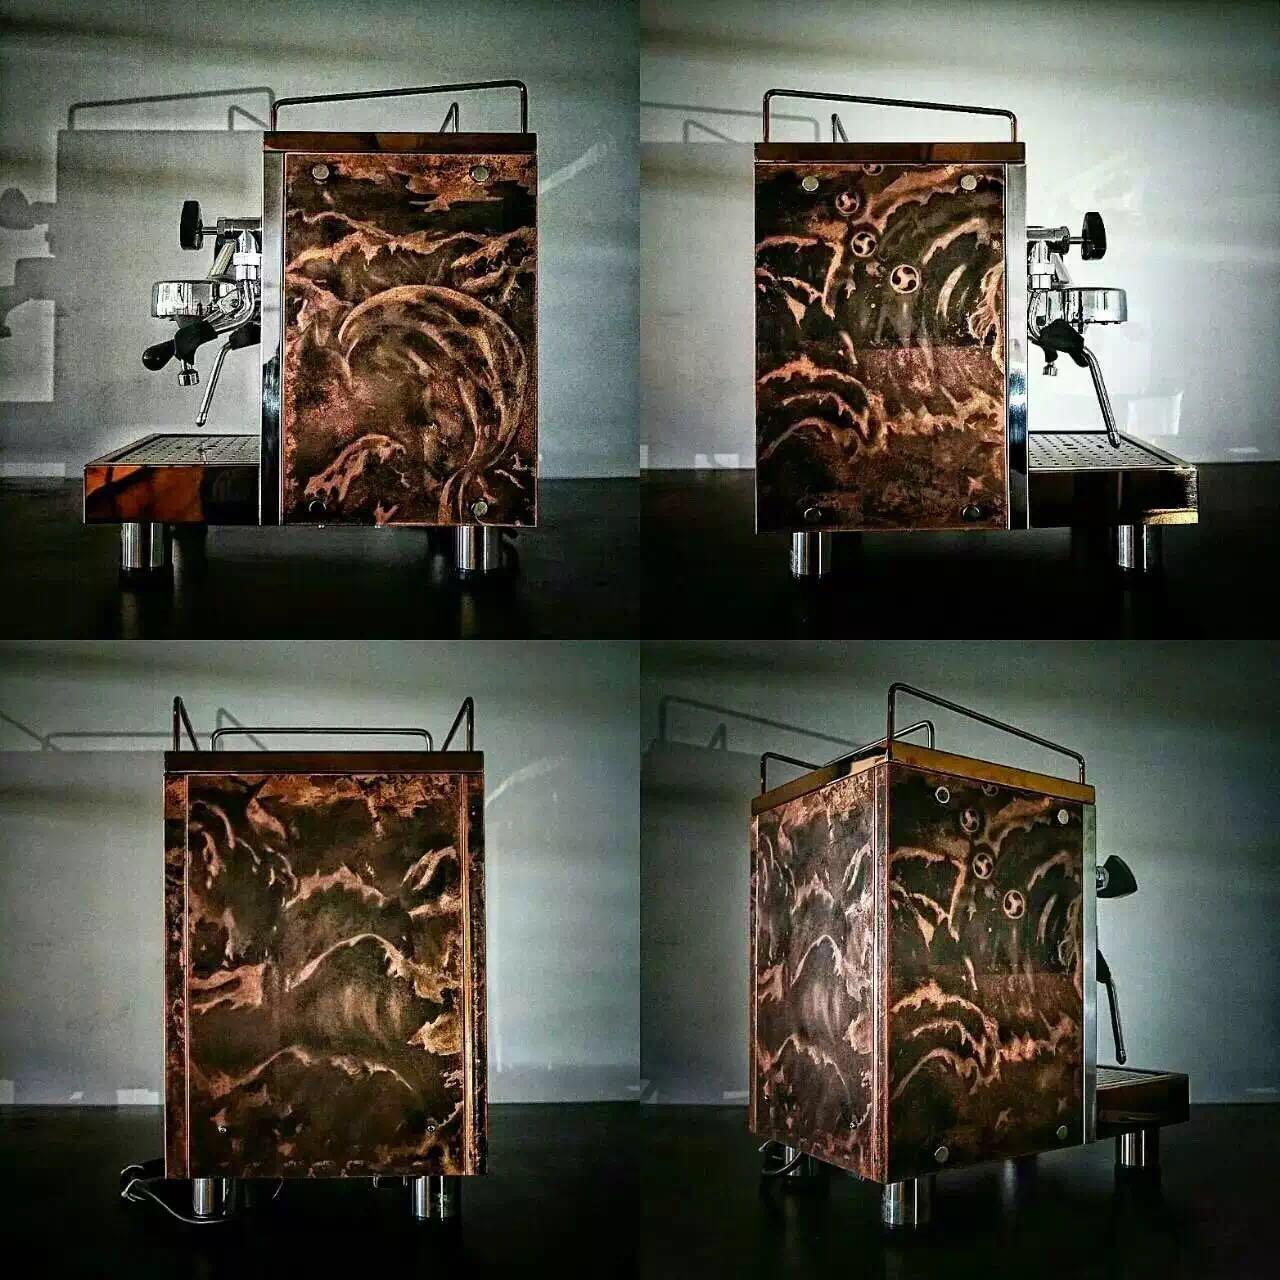 copper_etching_coffeemachine.jpg